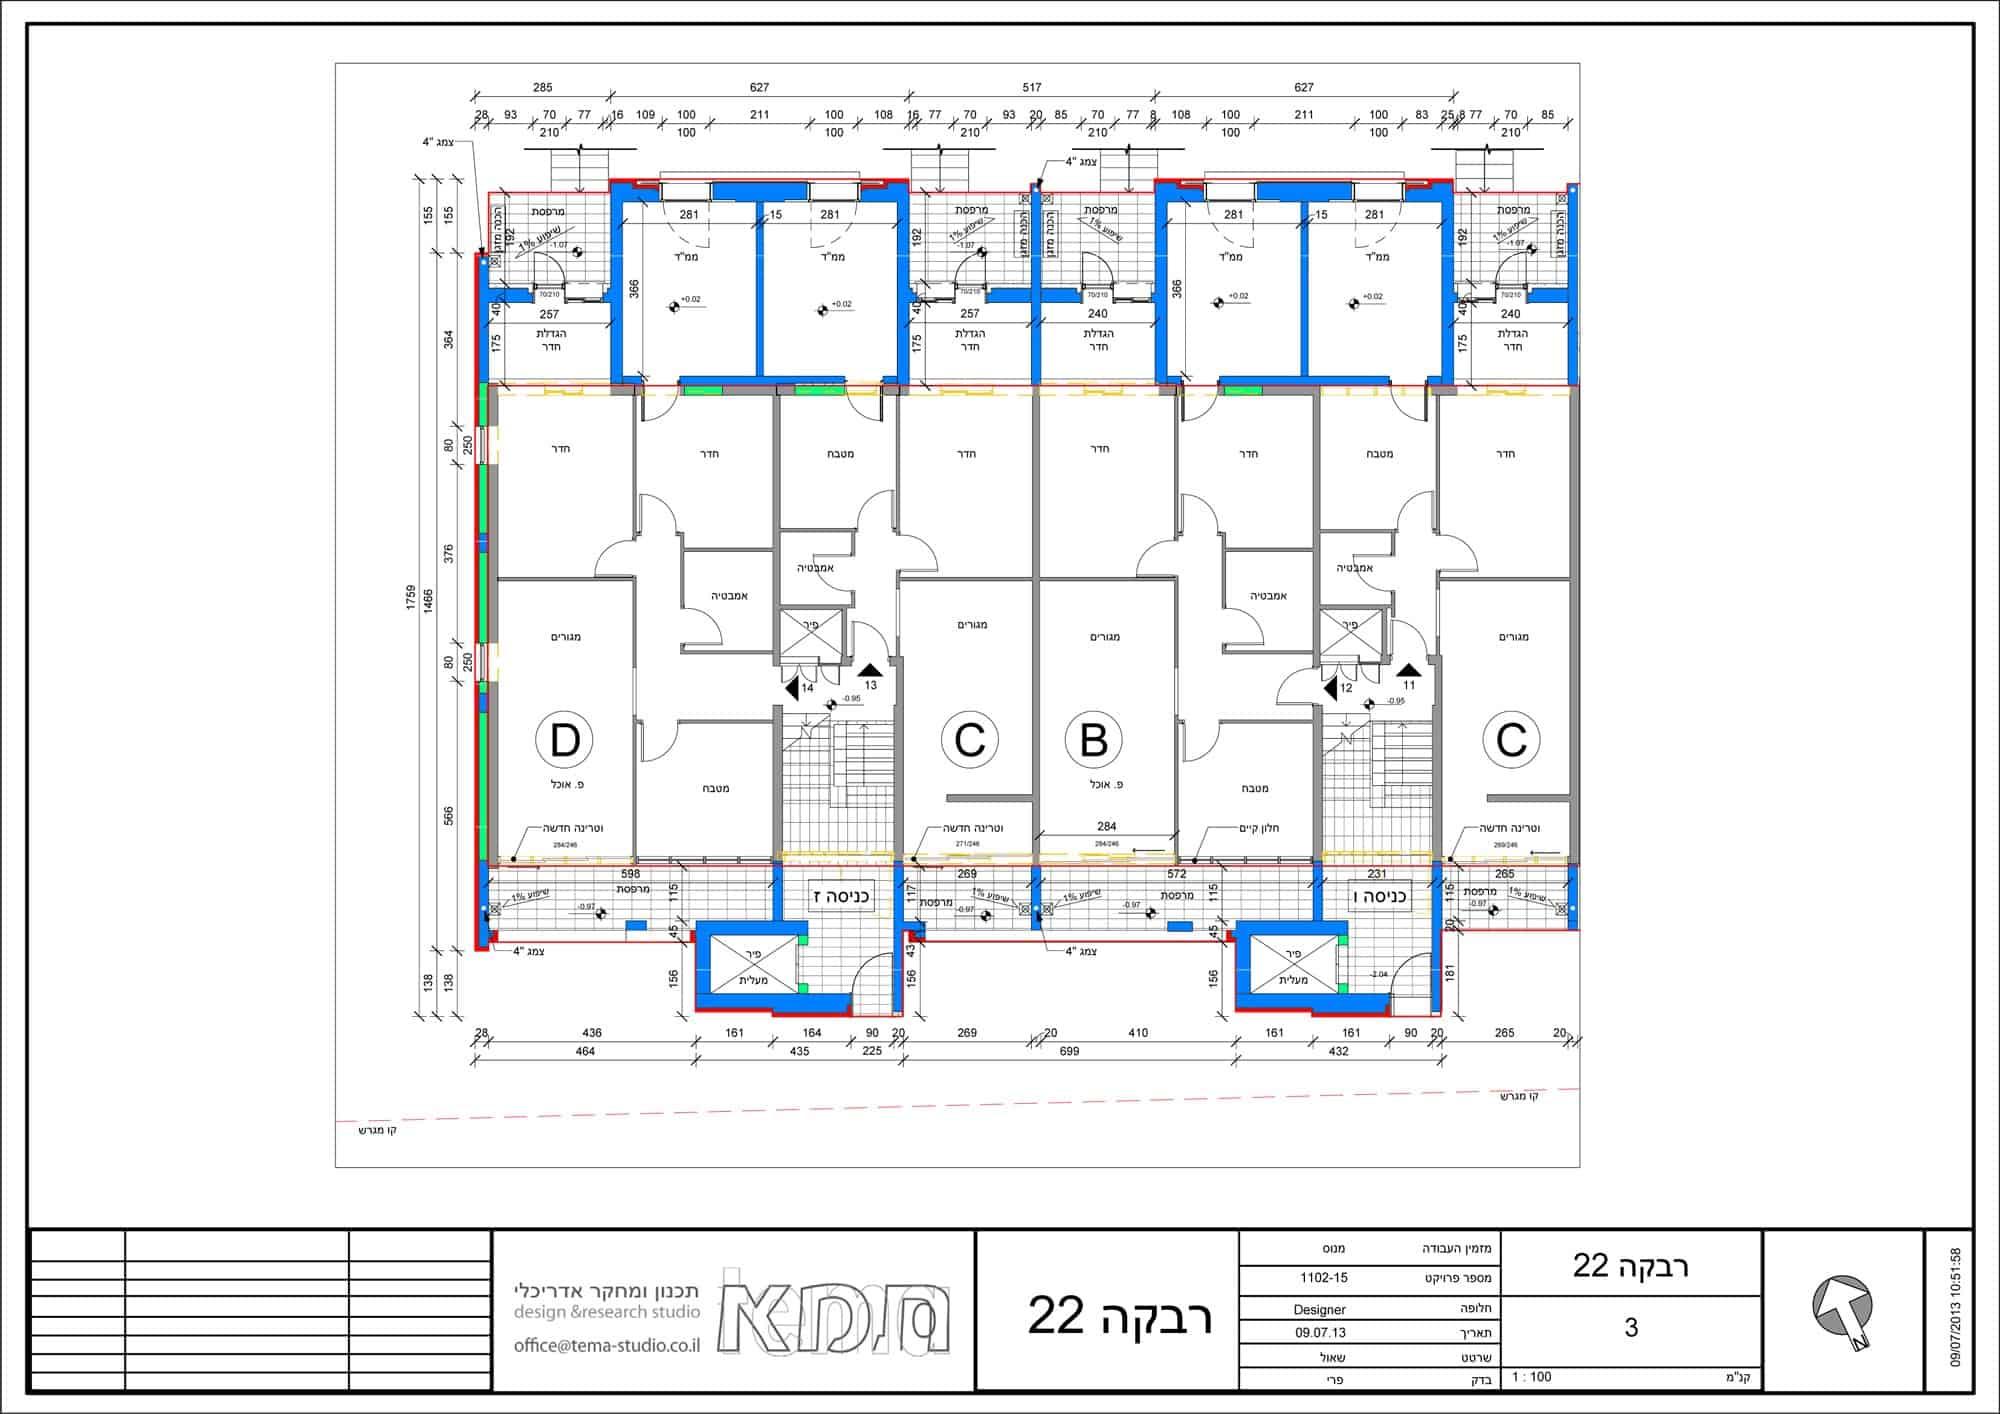 רבקה 22, ירושלים - תוכנית קומה טיפוסית, כניסות ו-ז